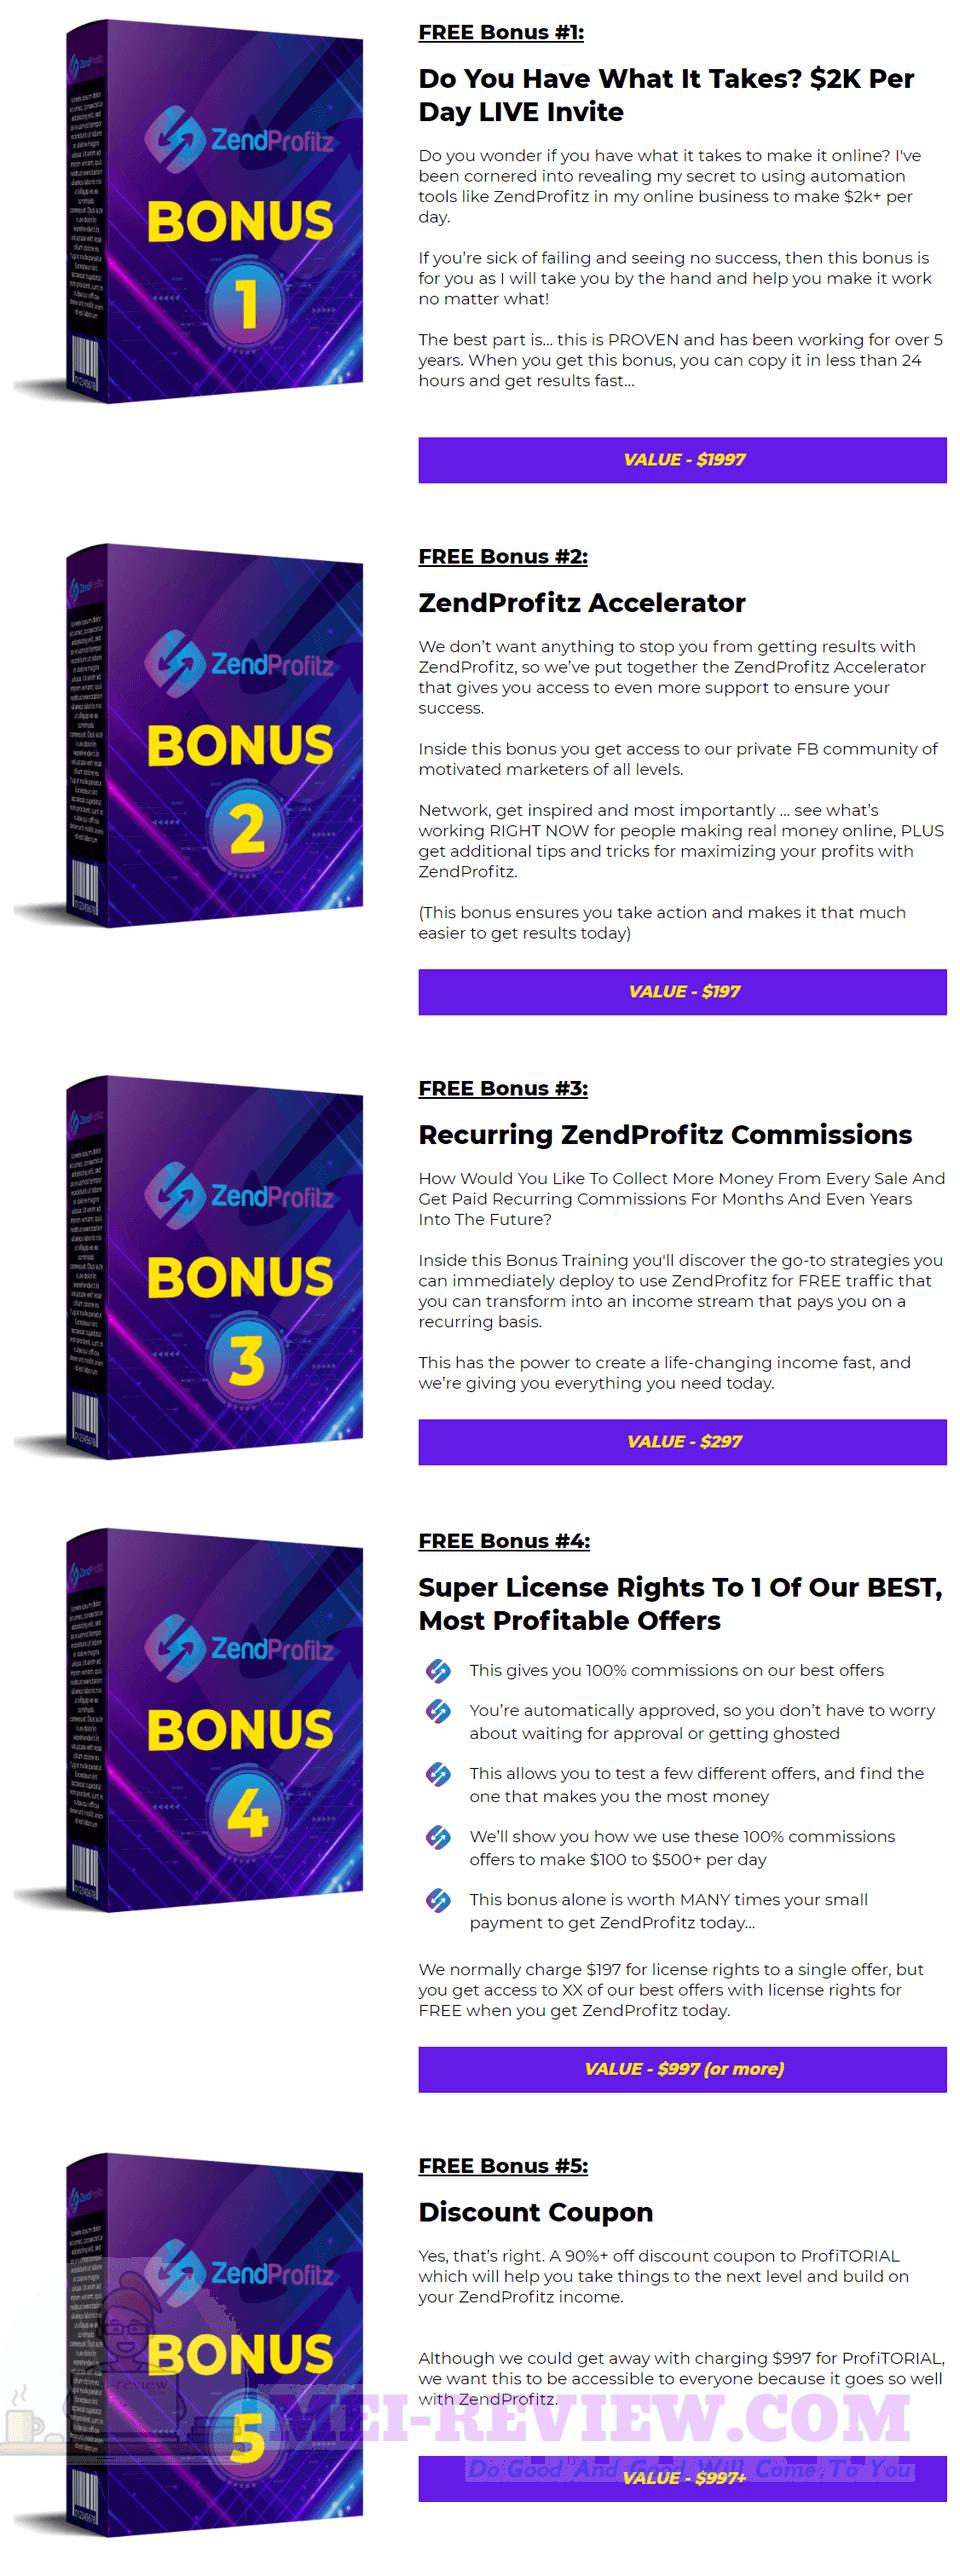 ZendProfitz-bonus-1